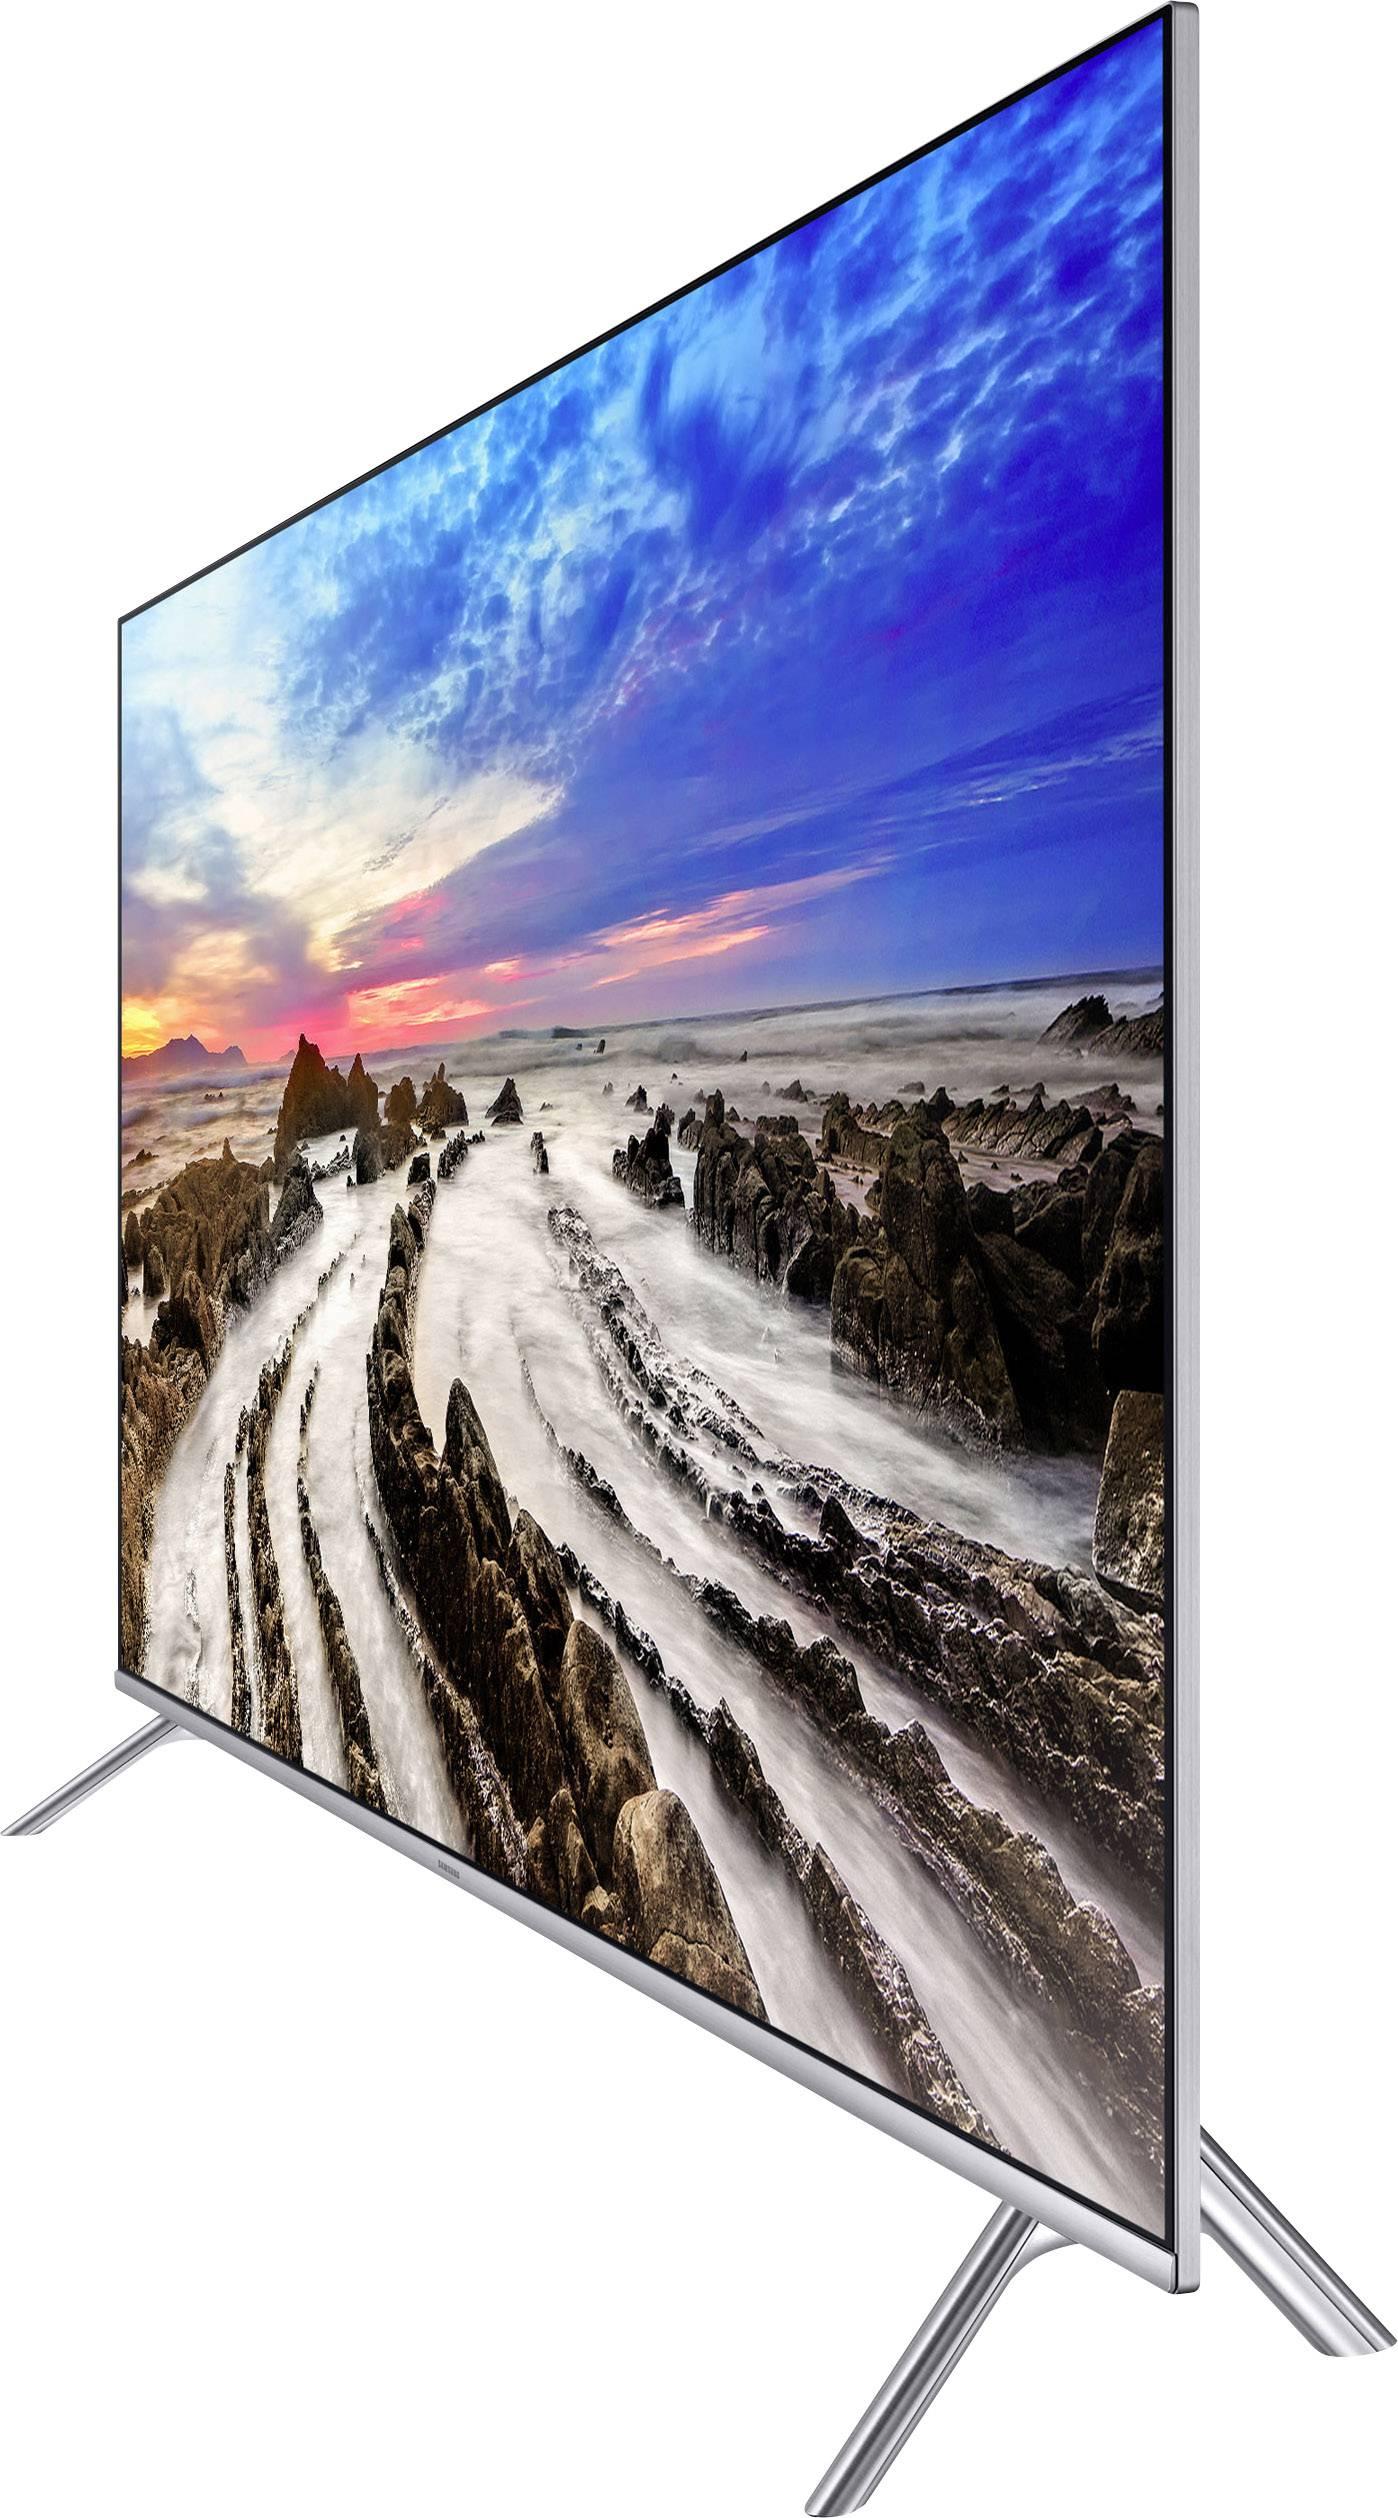 welchen tv kaufen top tv und audiogerte with welchen tv kaufen best samsung aktionstv kaufen. Black Bedroom Furniture Sets. Home Design Ideas